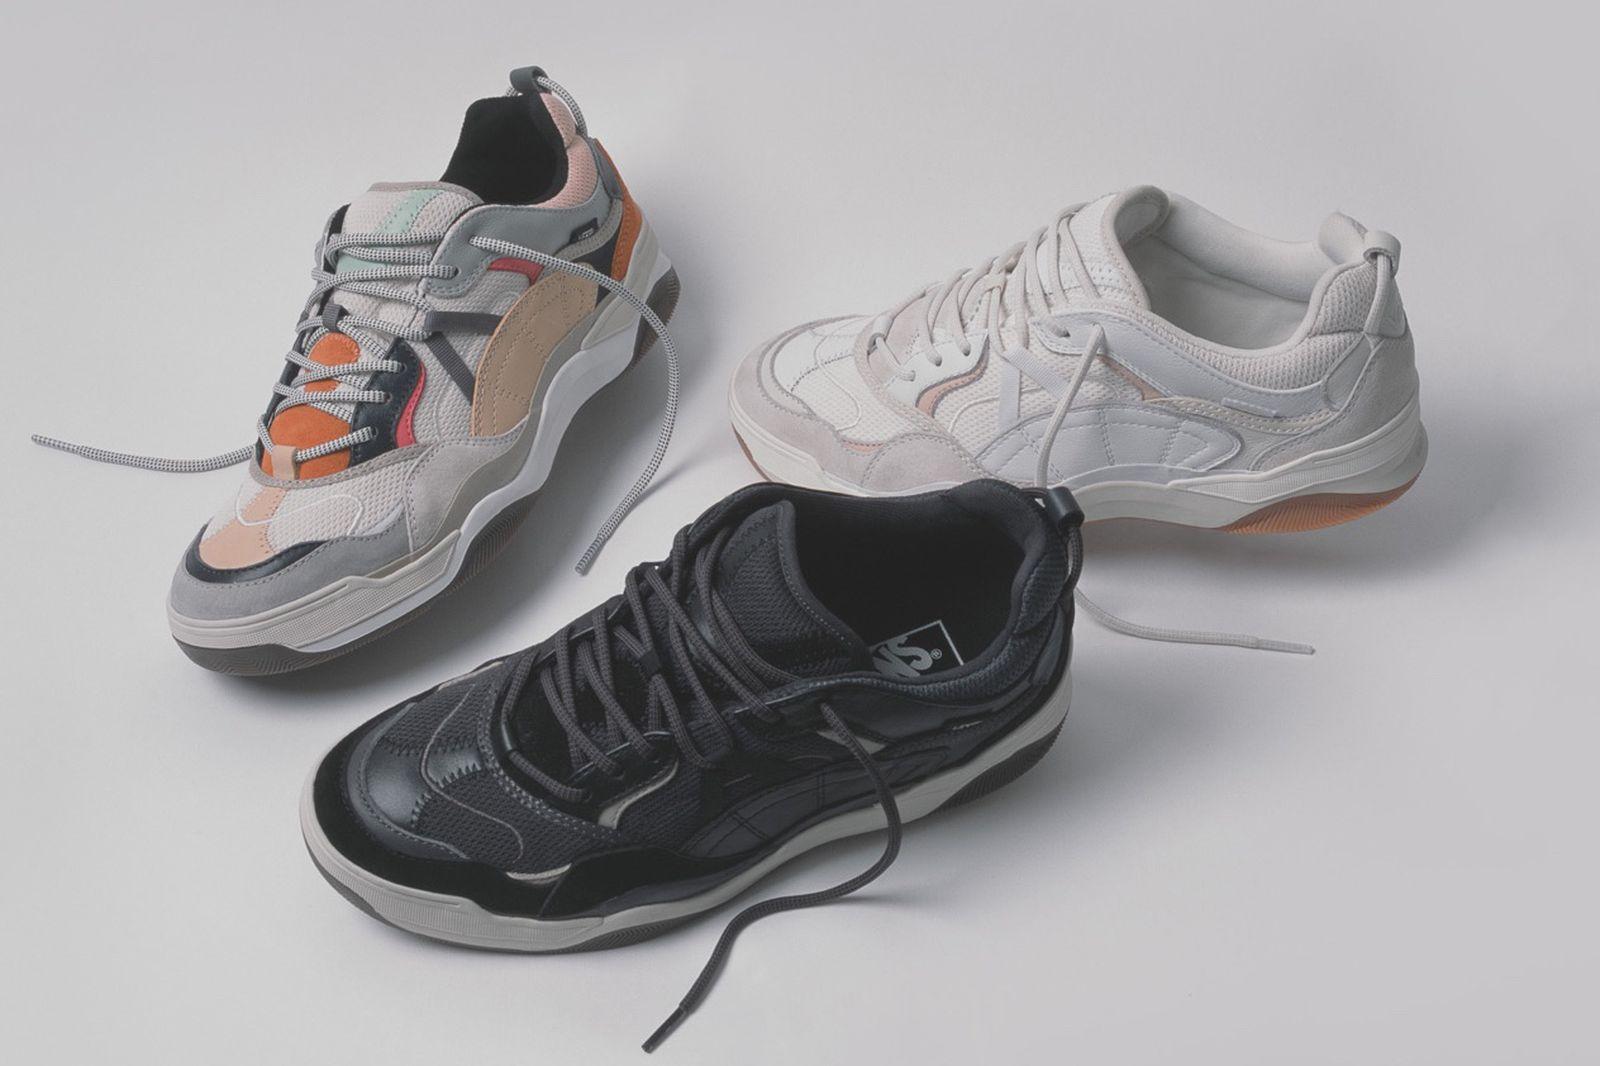 skateboarding footwear revival Louis Vuitton dc shoes etnies